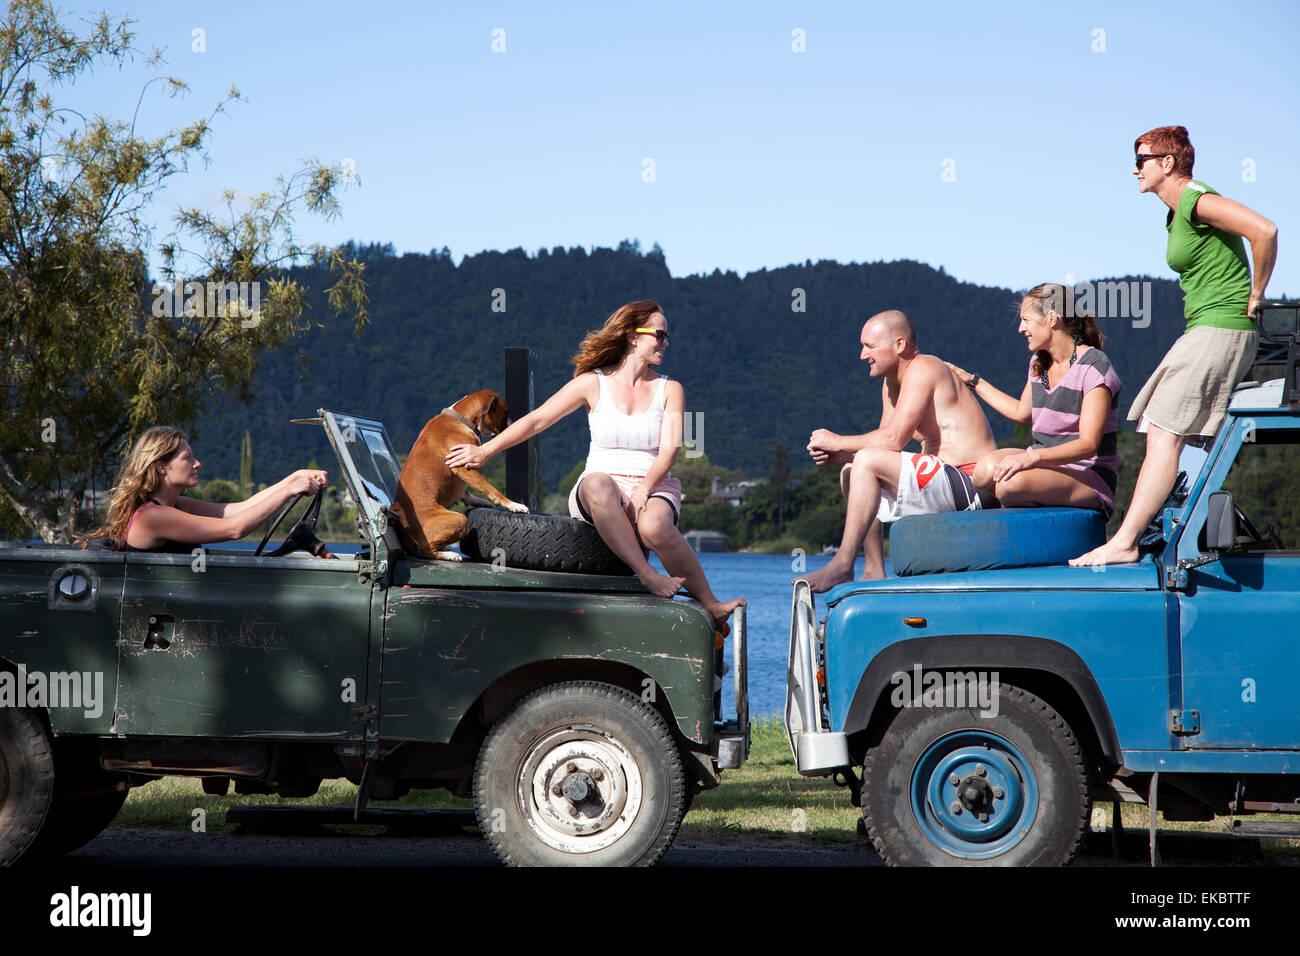 Erwachsene Freunde im Chat oben auf off-Road Fahrzeuge, Lake Okareka, Neuseeland Stockbild